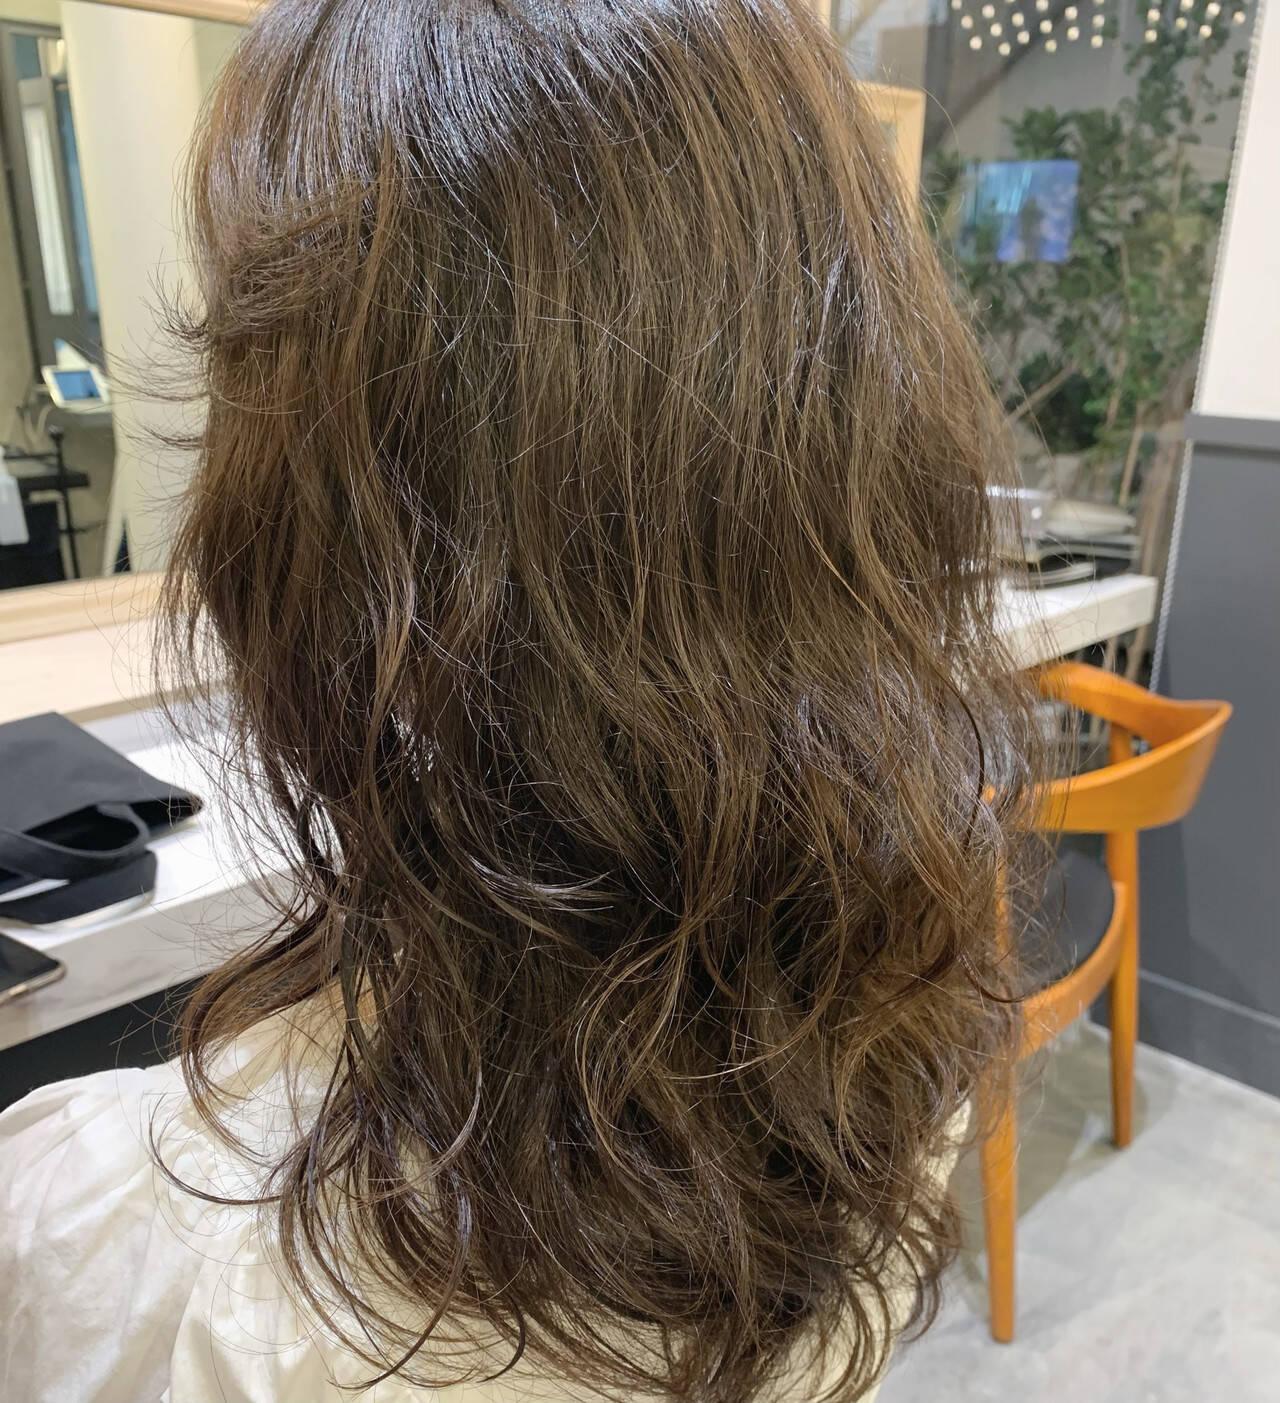 セミロング エアウェーブ パーマ ナチュラルヘアスタイルや髪型の写真・画像